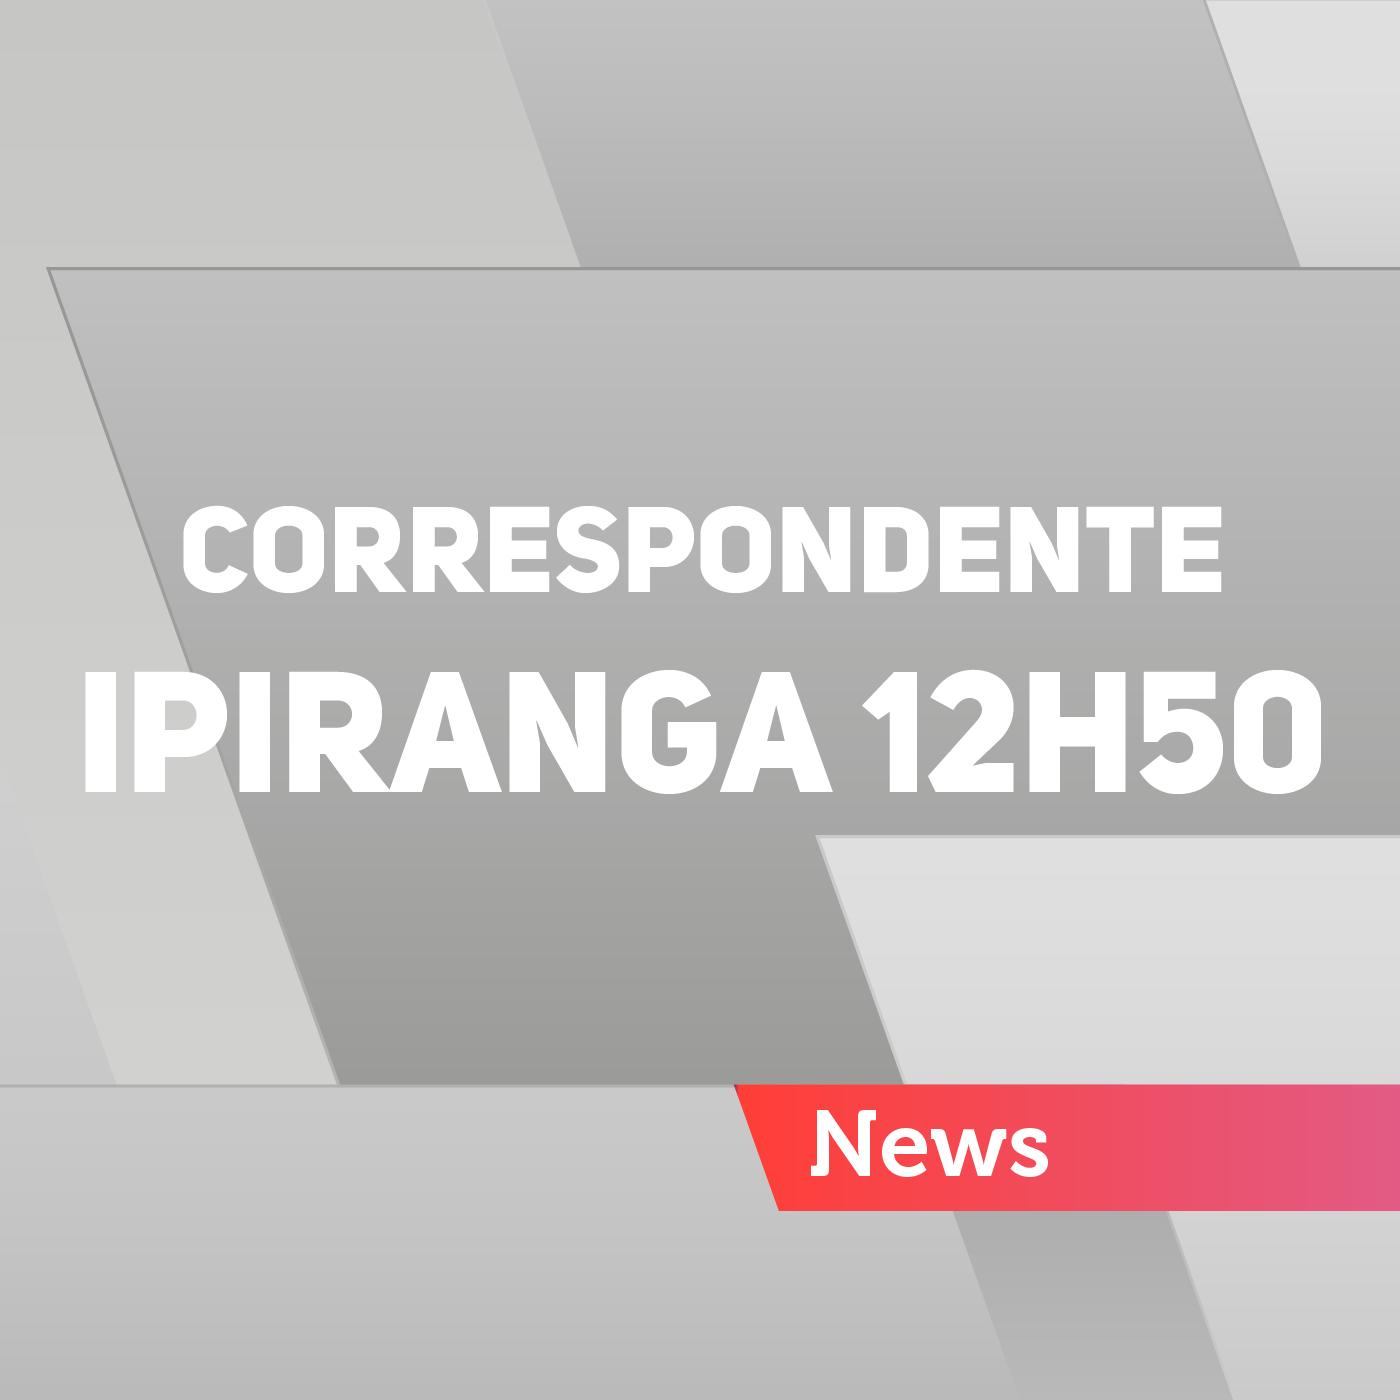 Correspondente Ipiranga 21h50 - 29/03/2017